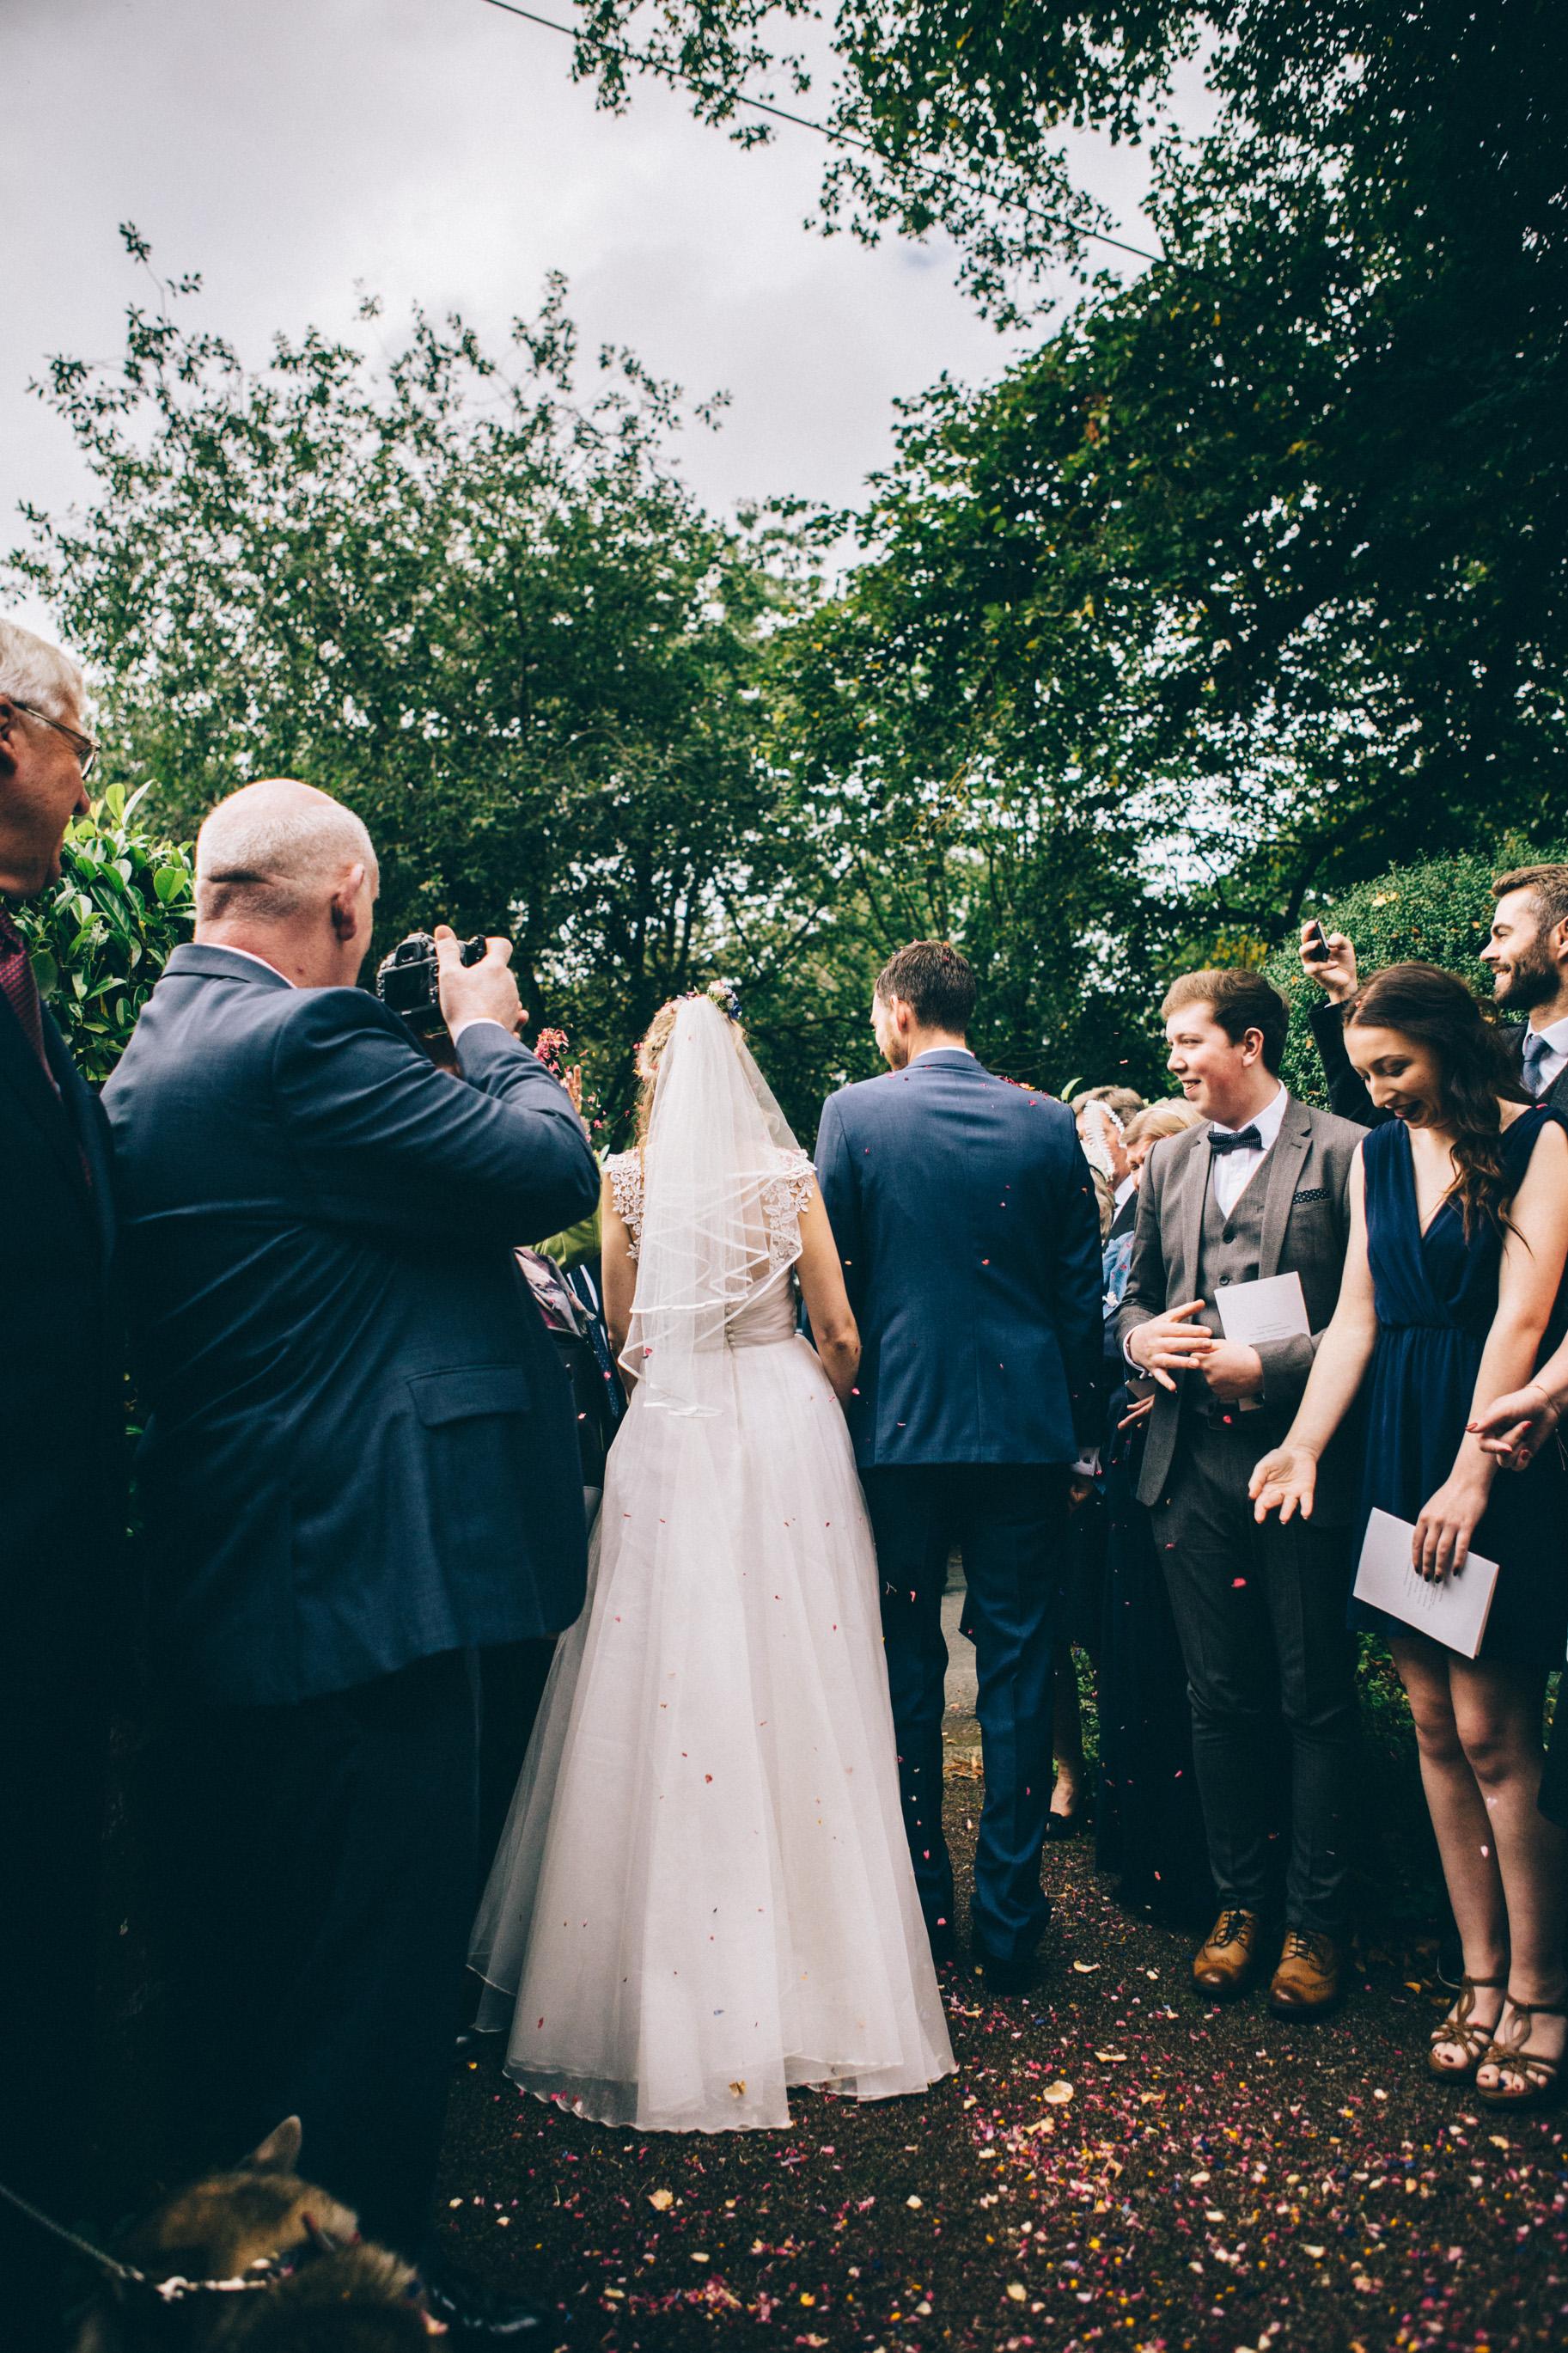 uk wedding photographer artistic wedding photography-73.jpg